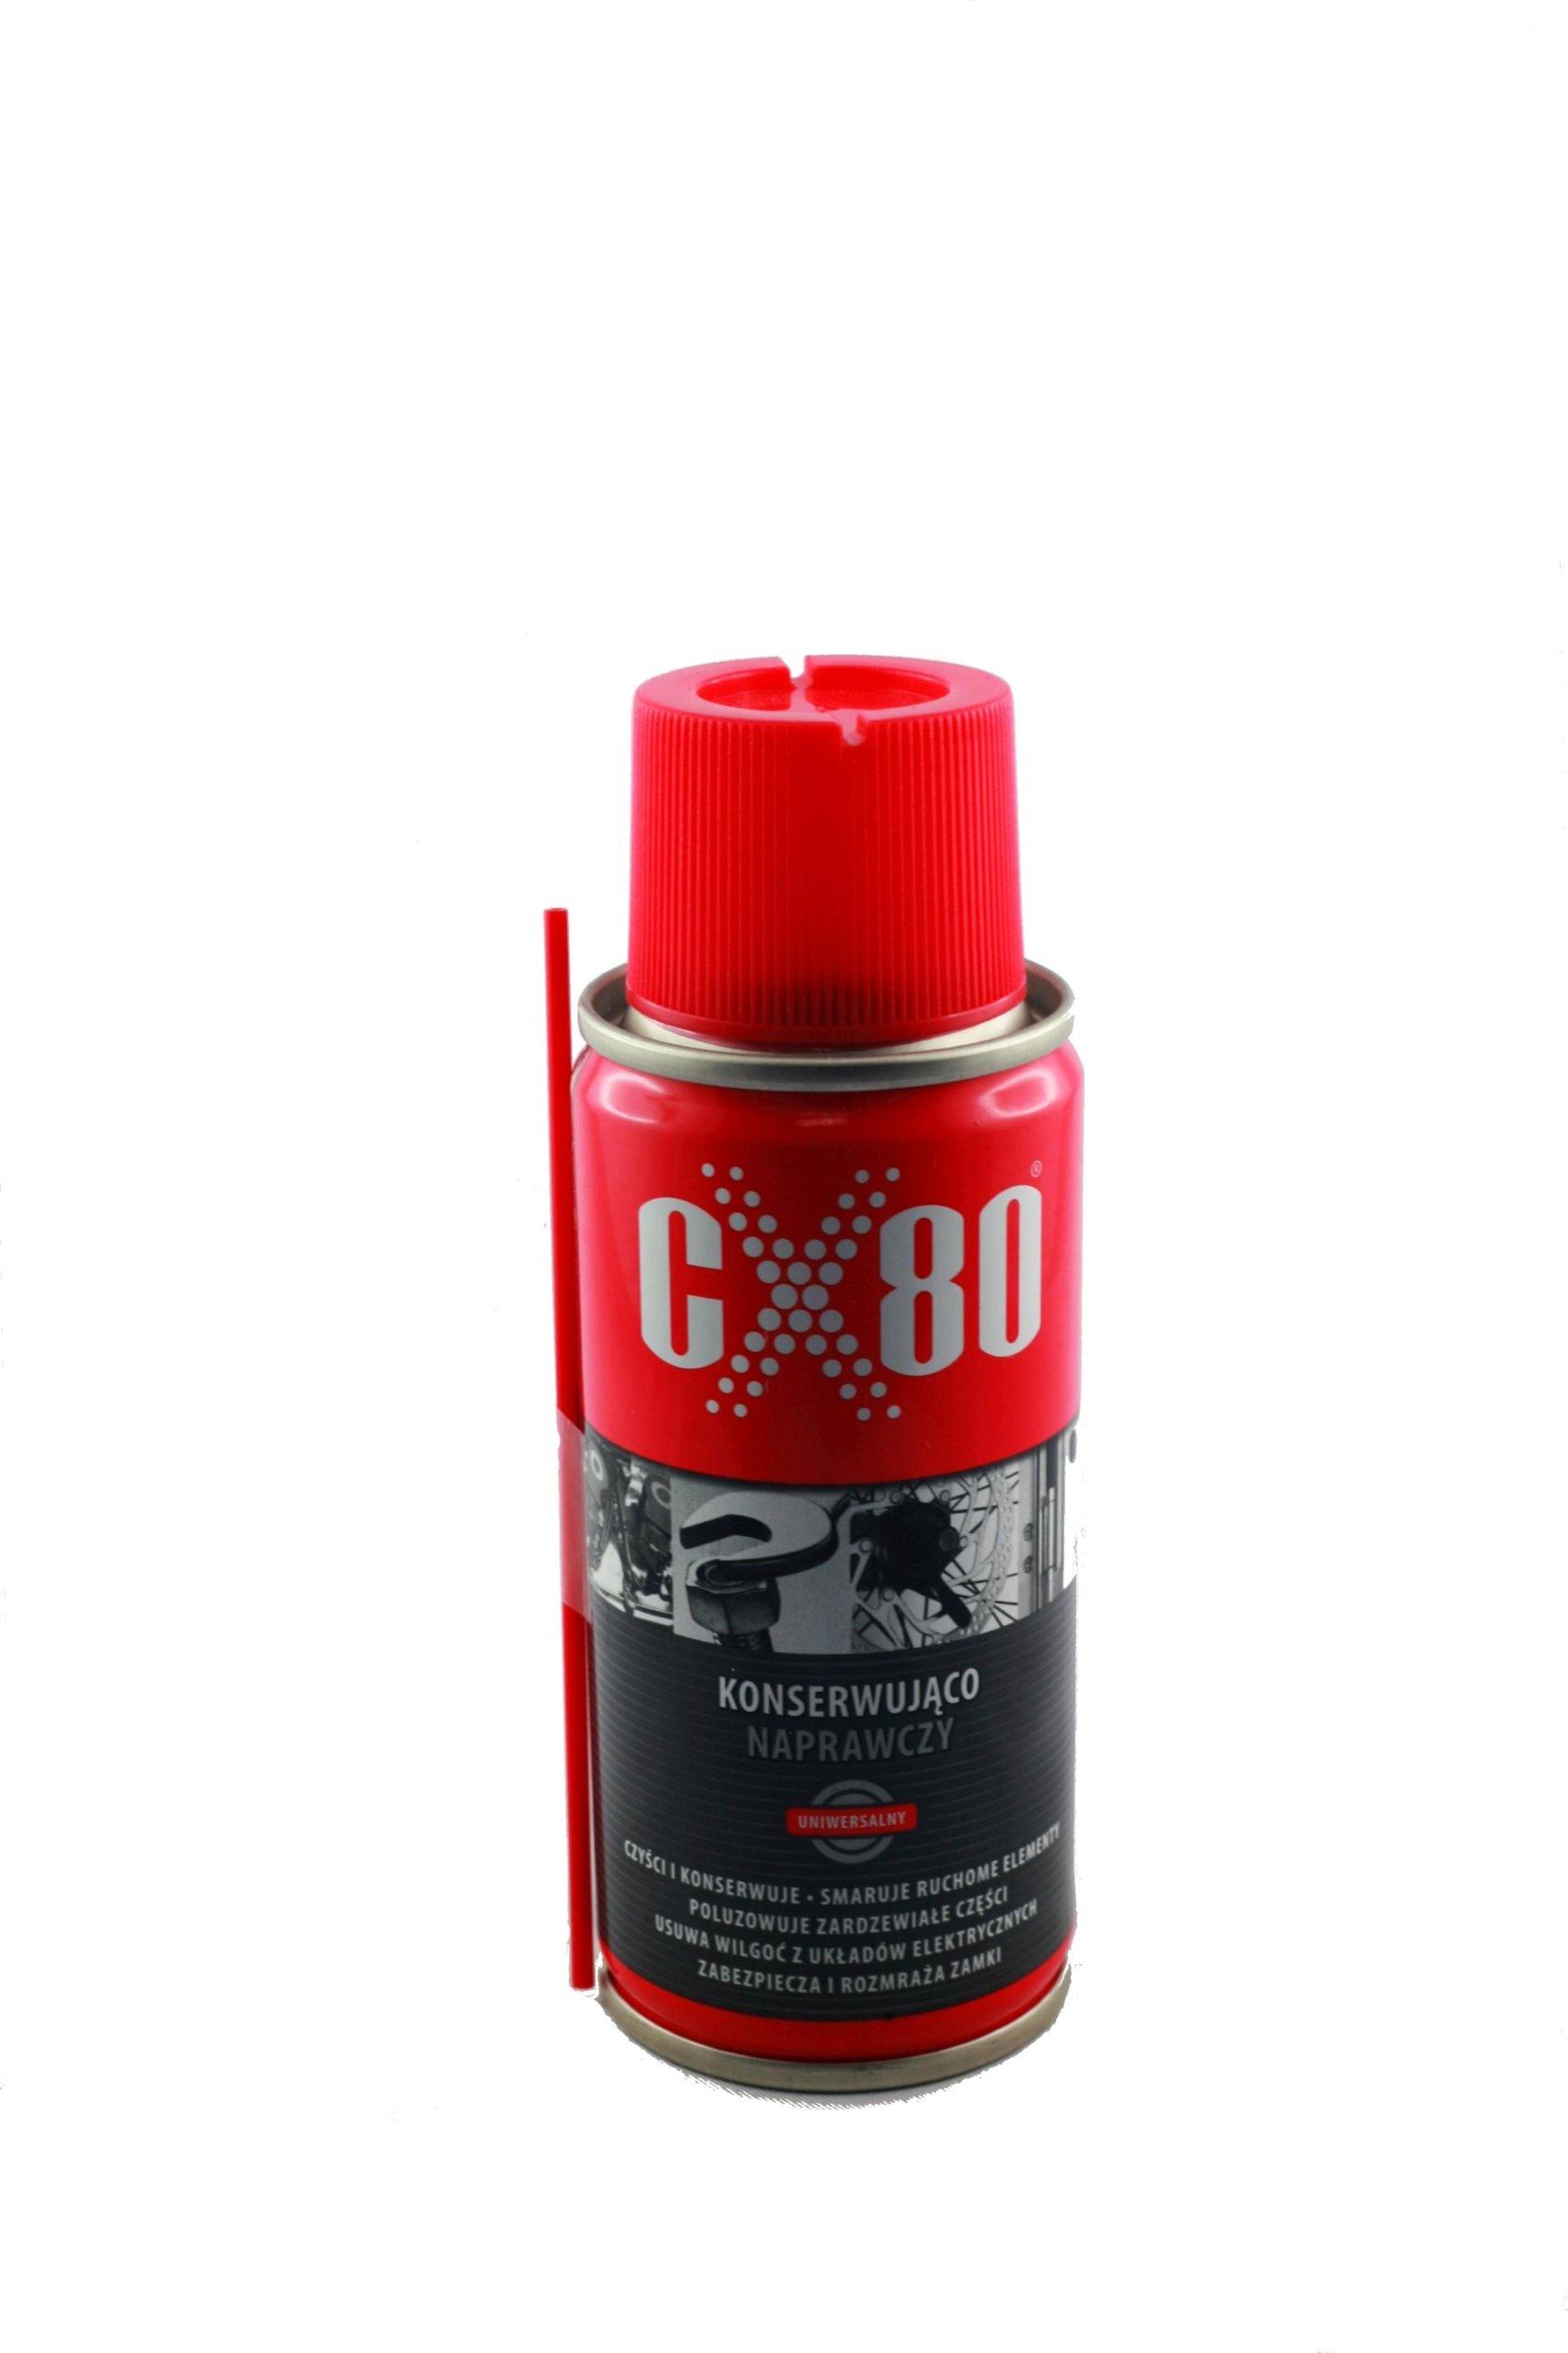 Odrdzewiacz konserwująco naprawczy CX-80 100ml